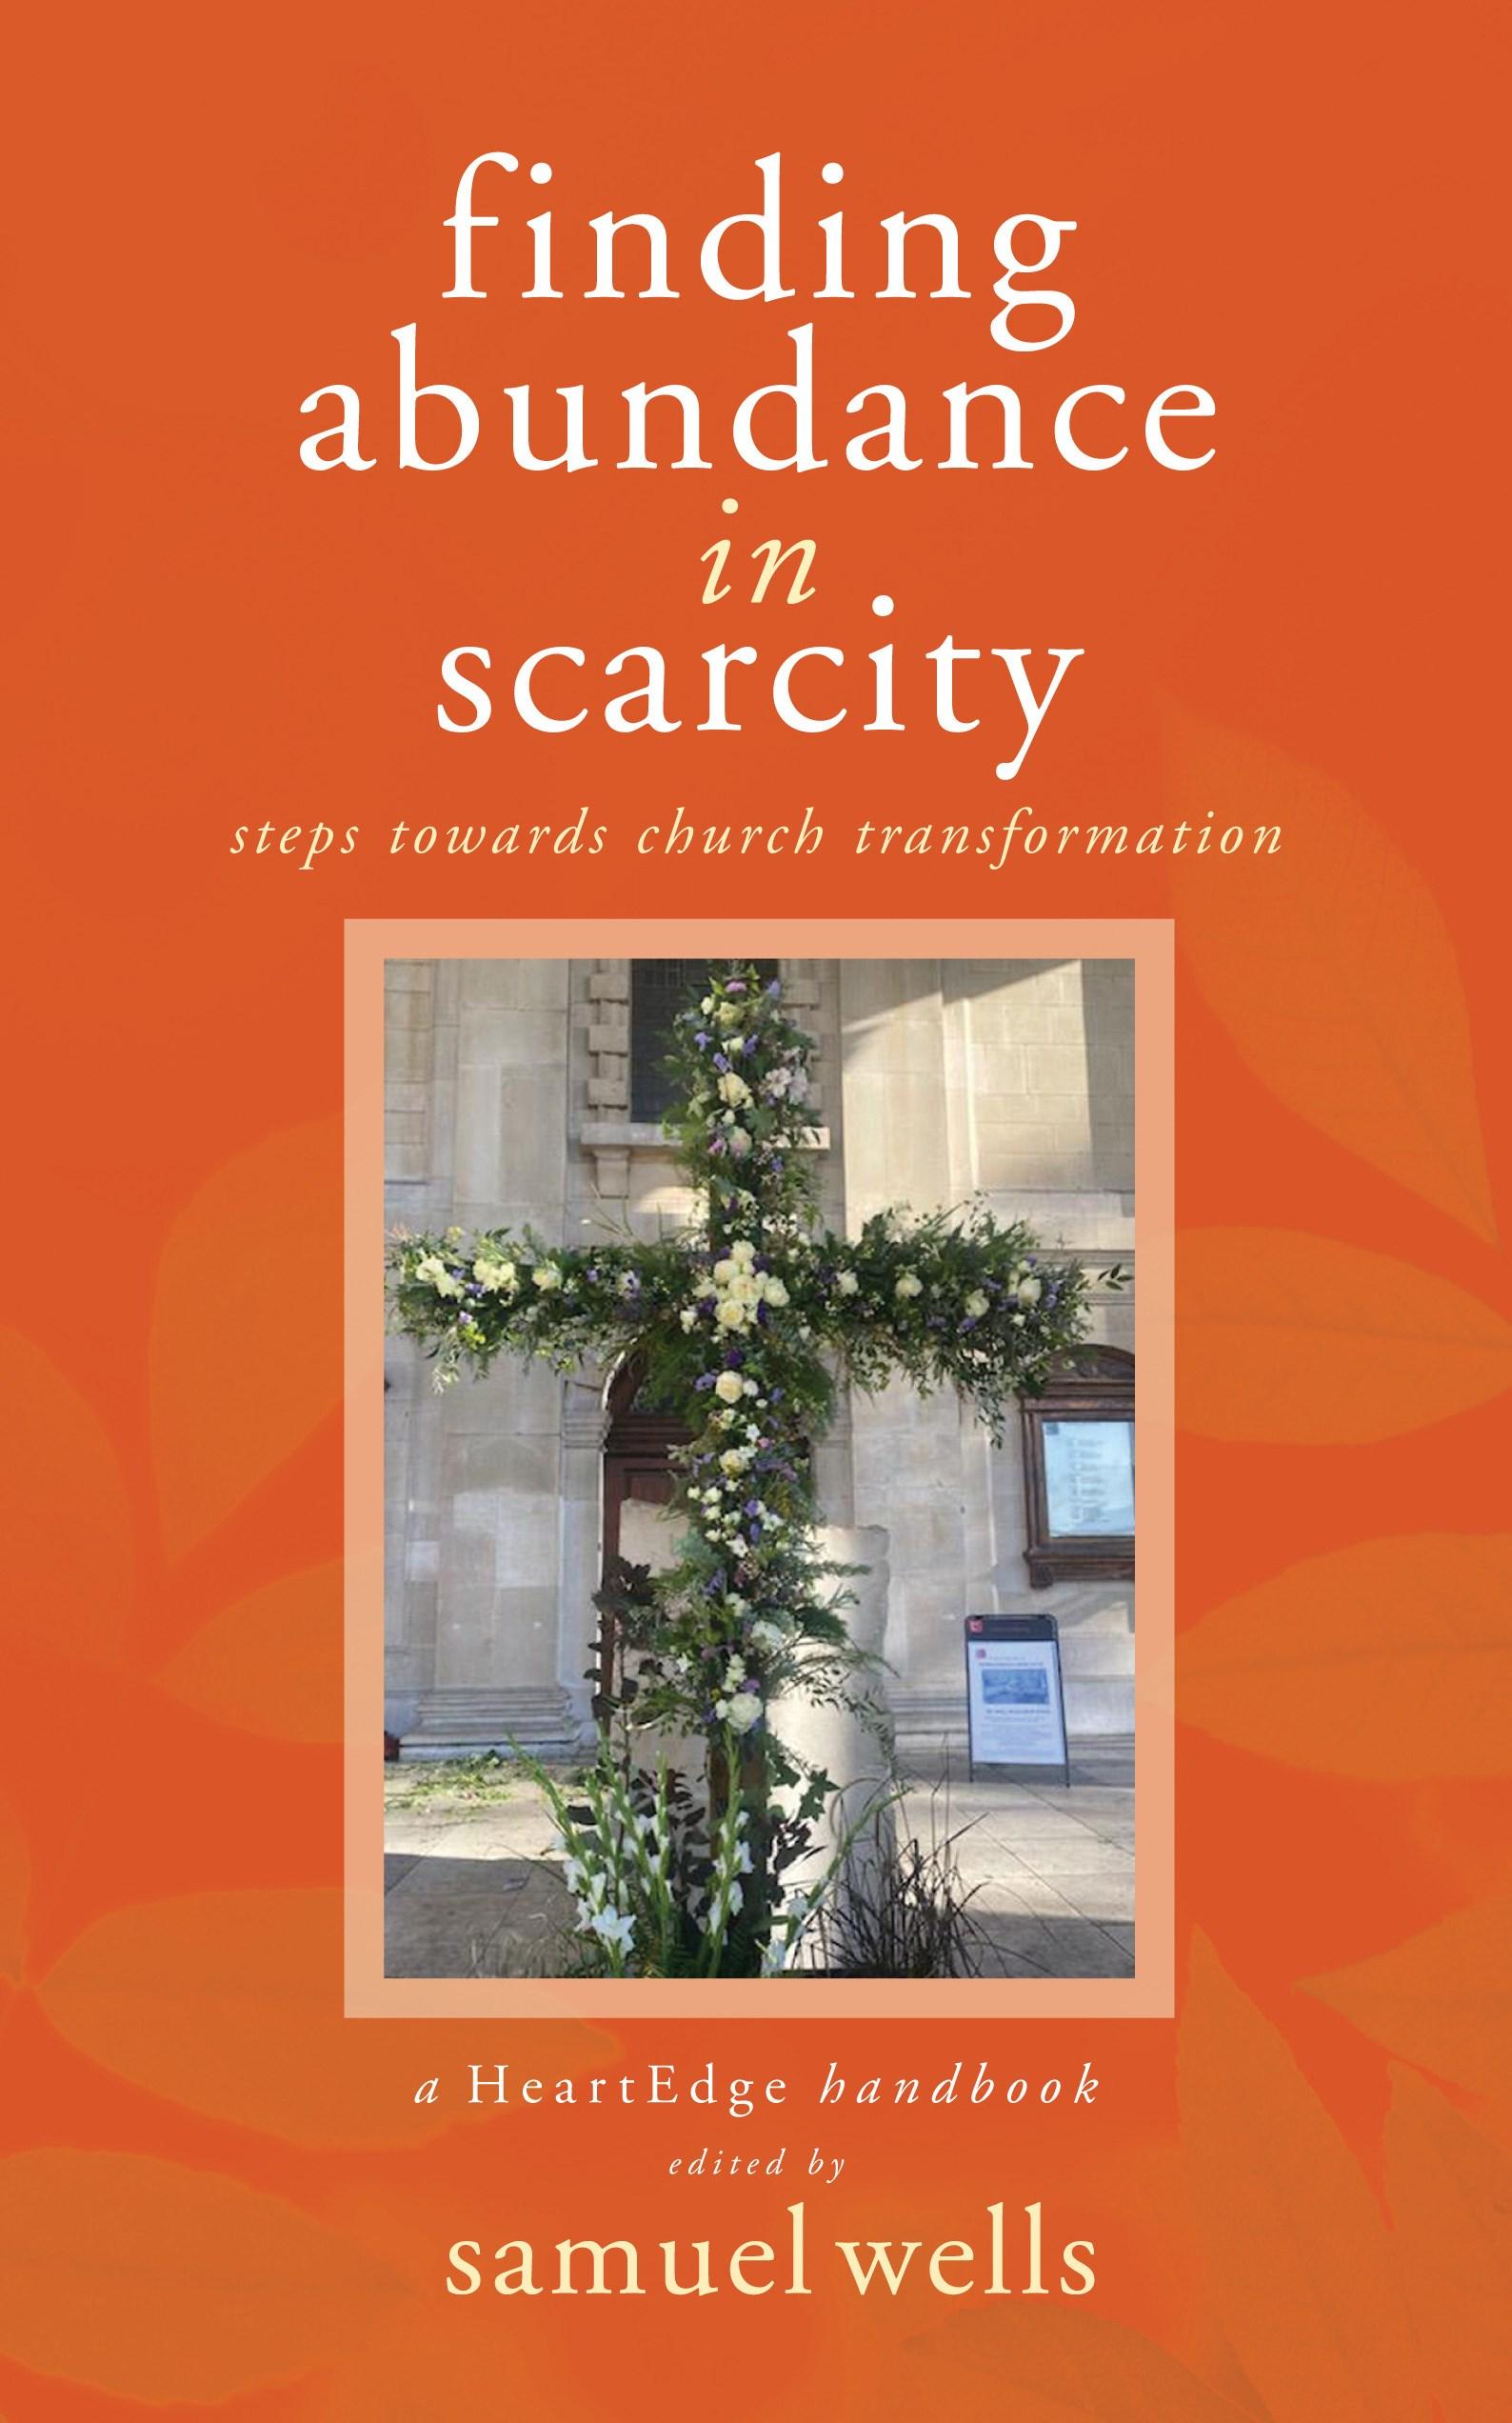 Finding Abundance in Scarcity